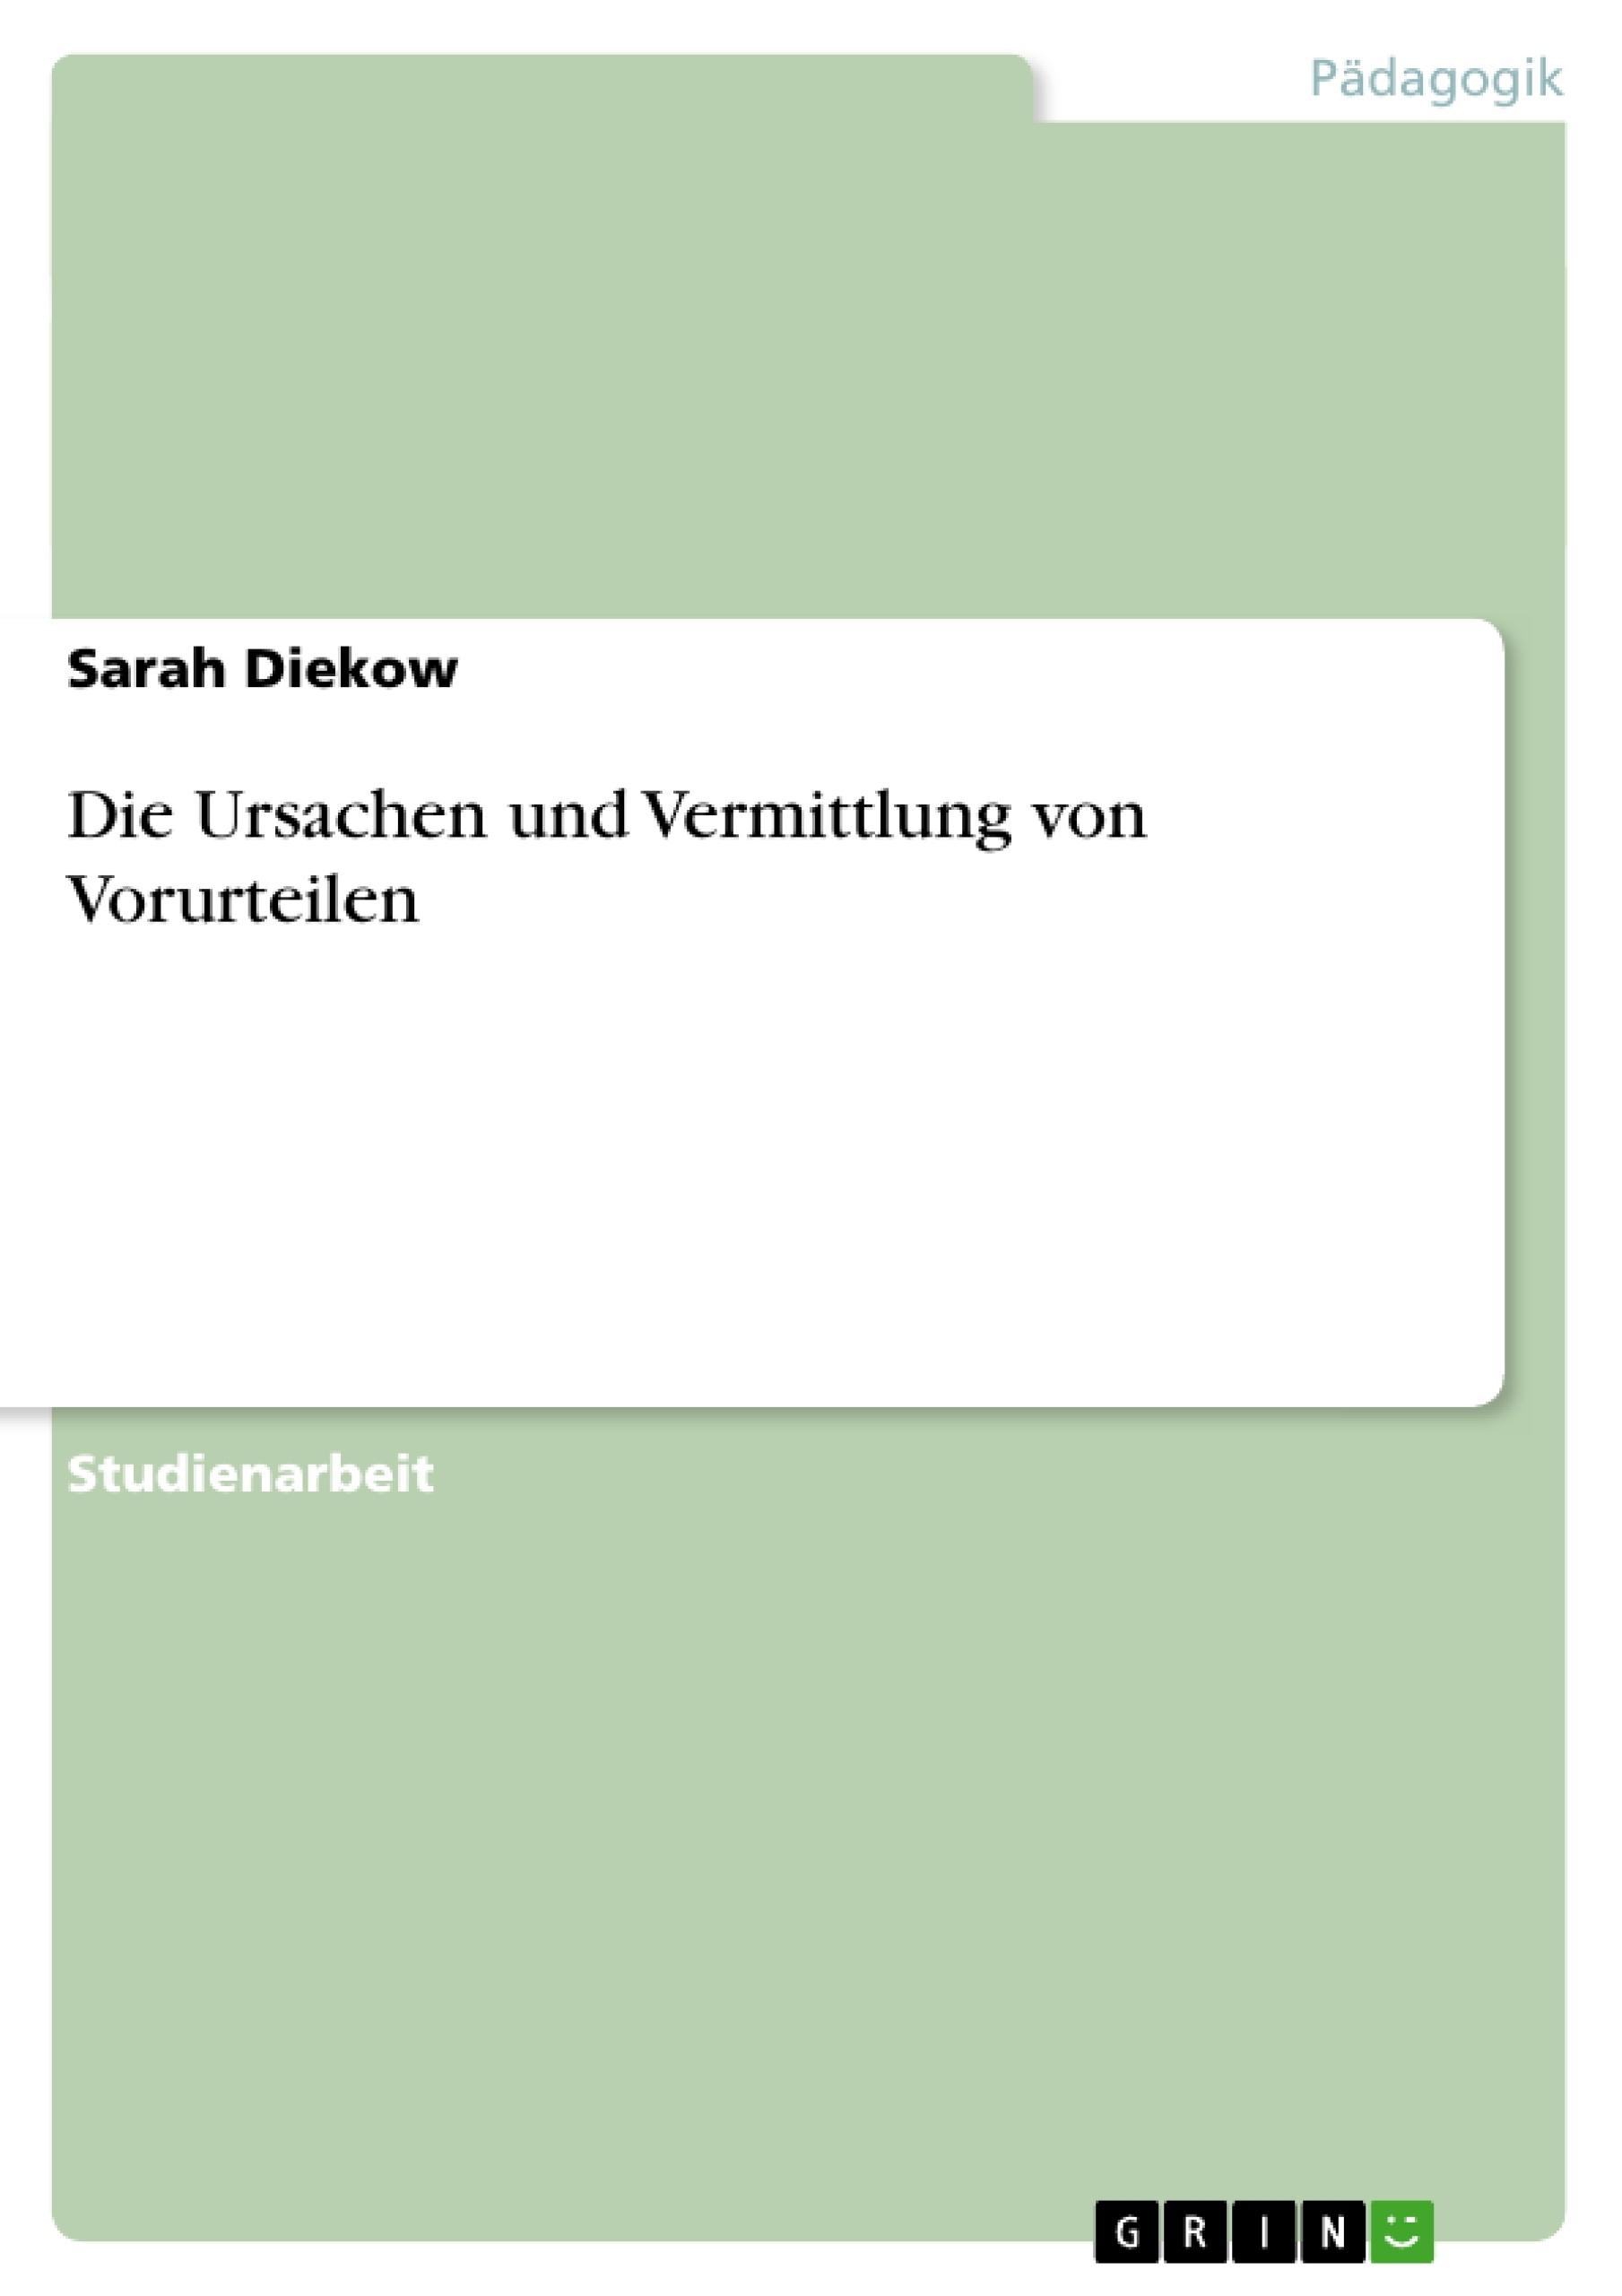 Titel: Die Ursachen und Vermittlung von Vorurteilen